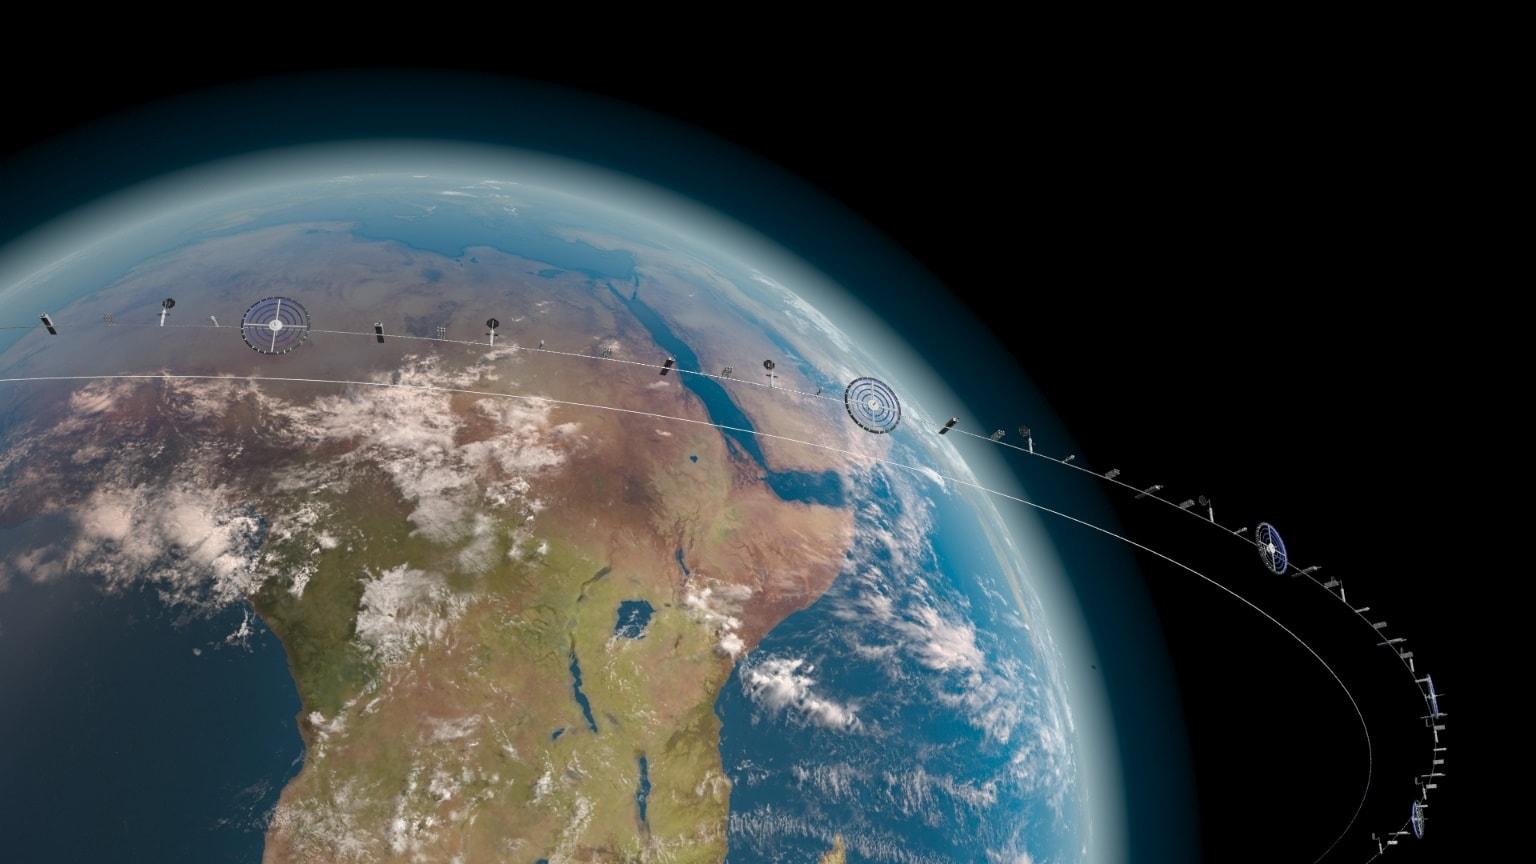 Рис. 4. Индустриальное космическое кольцо планеты (тонкая нить – ОТС во время подъёмаспуска)